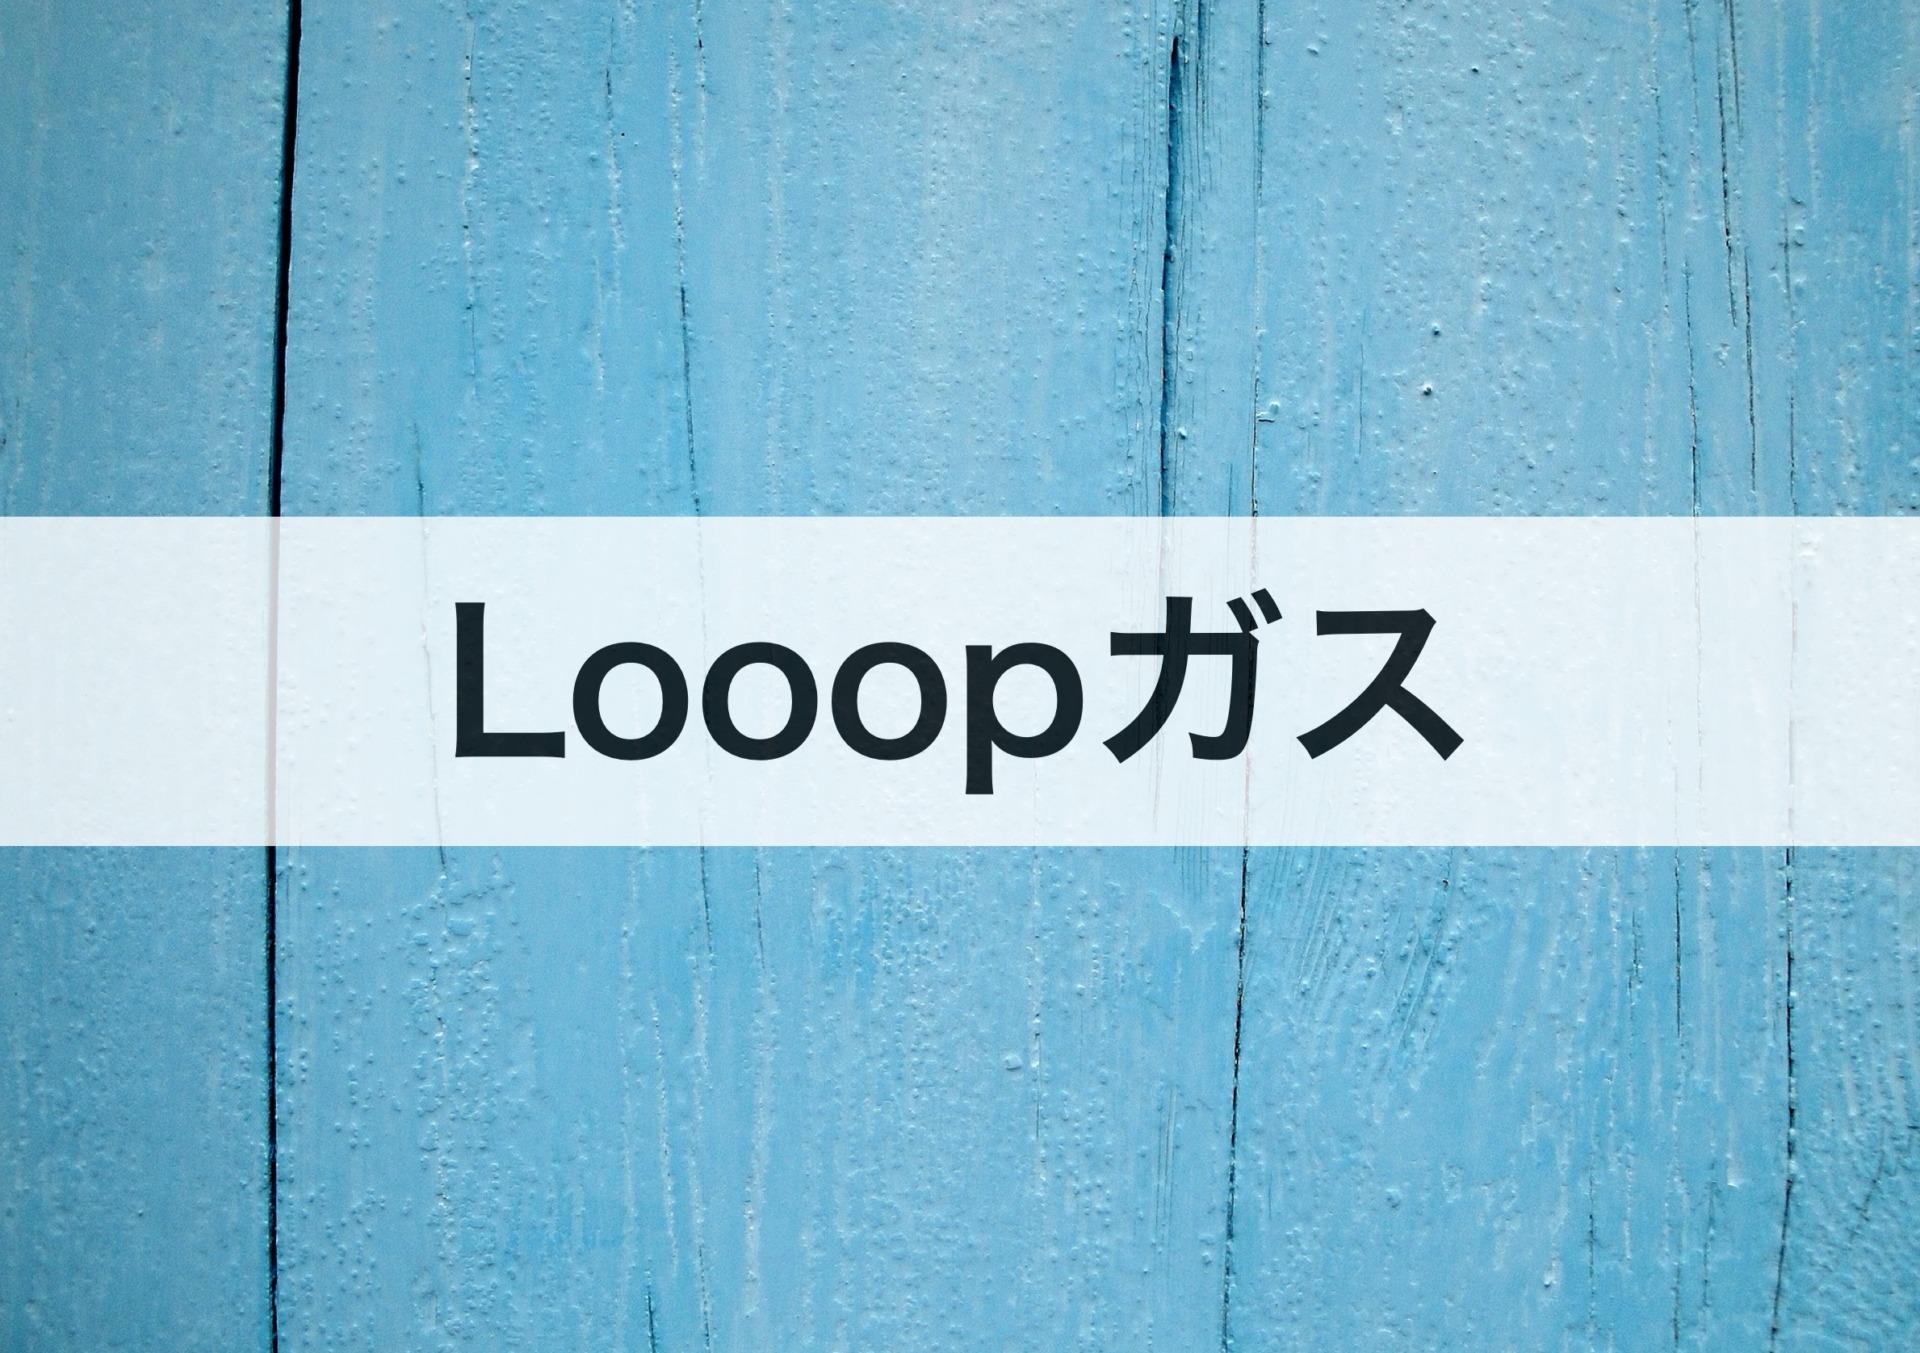 Looopガスの口コミや評判は?メリット&デメリットも解説します!